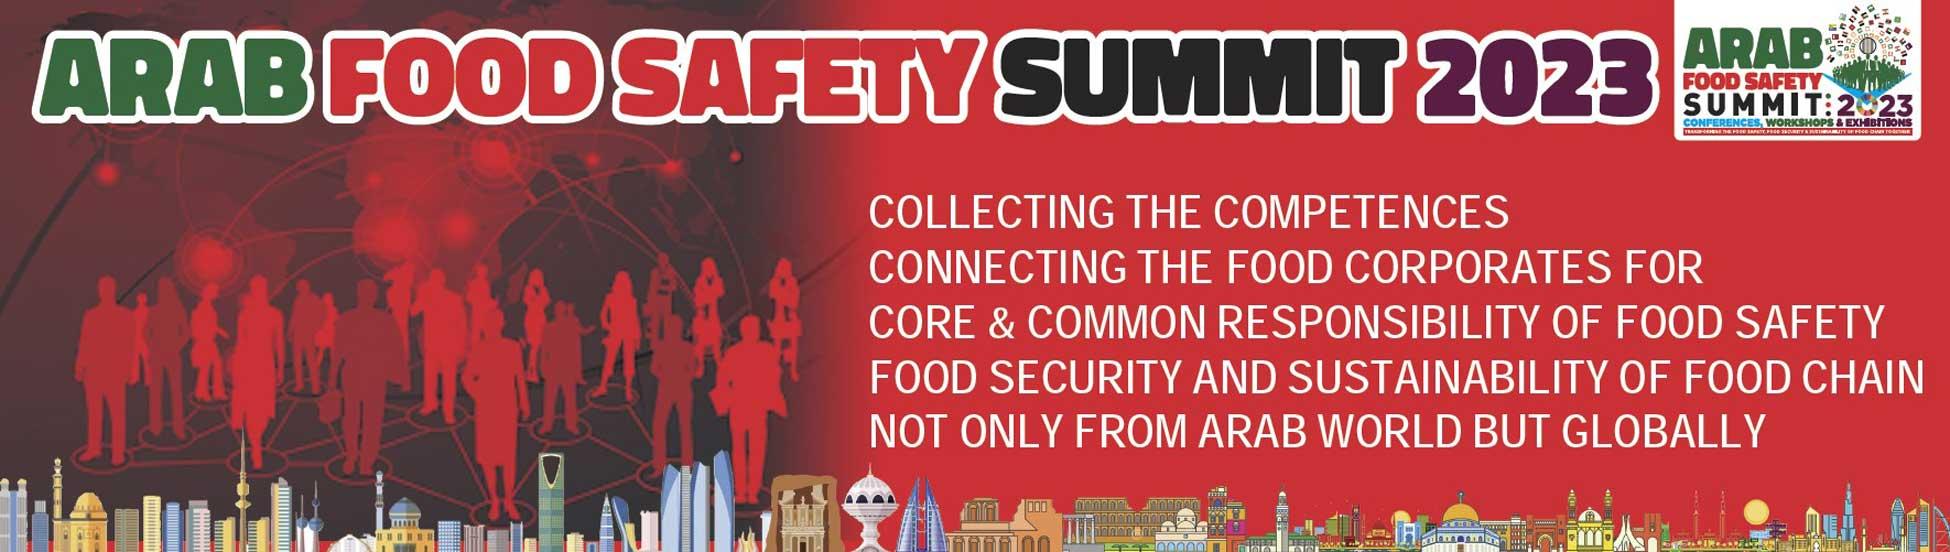 Arab Food Safety Summit Slide 05